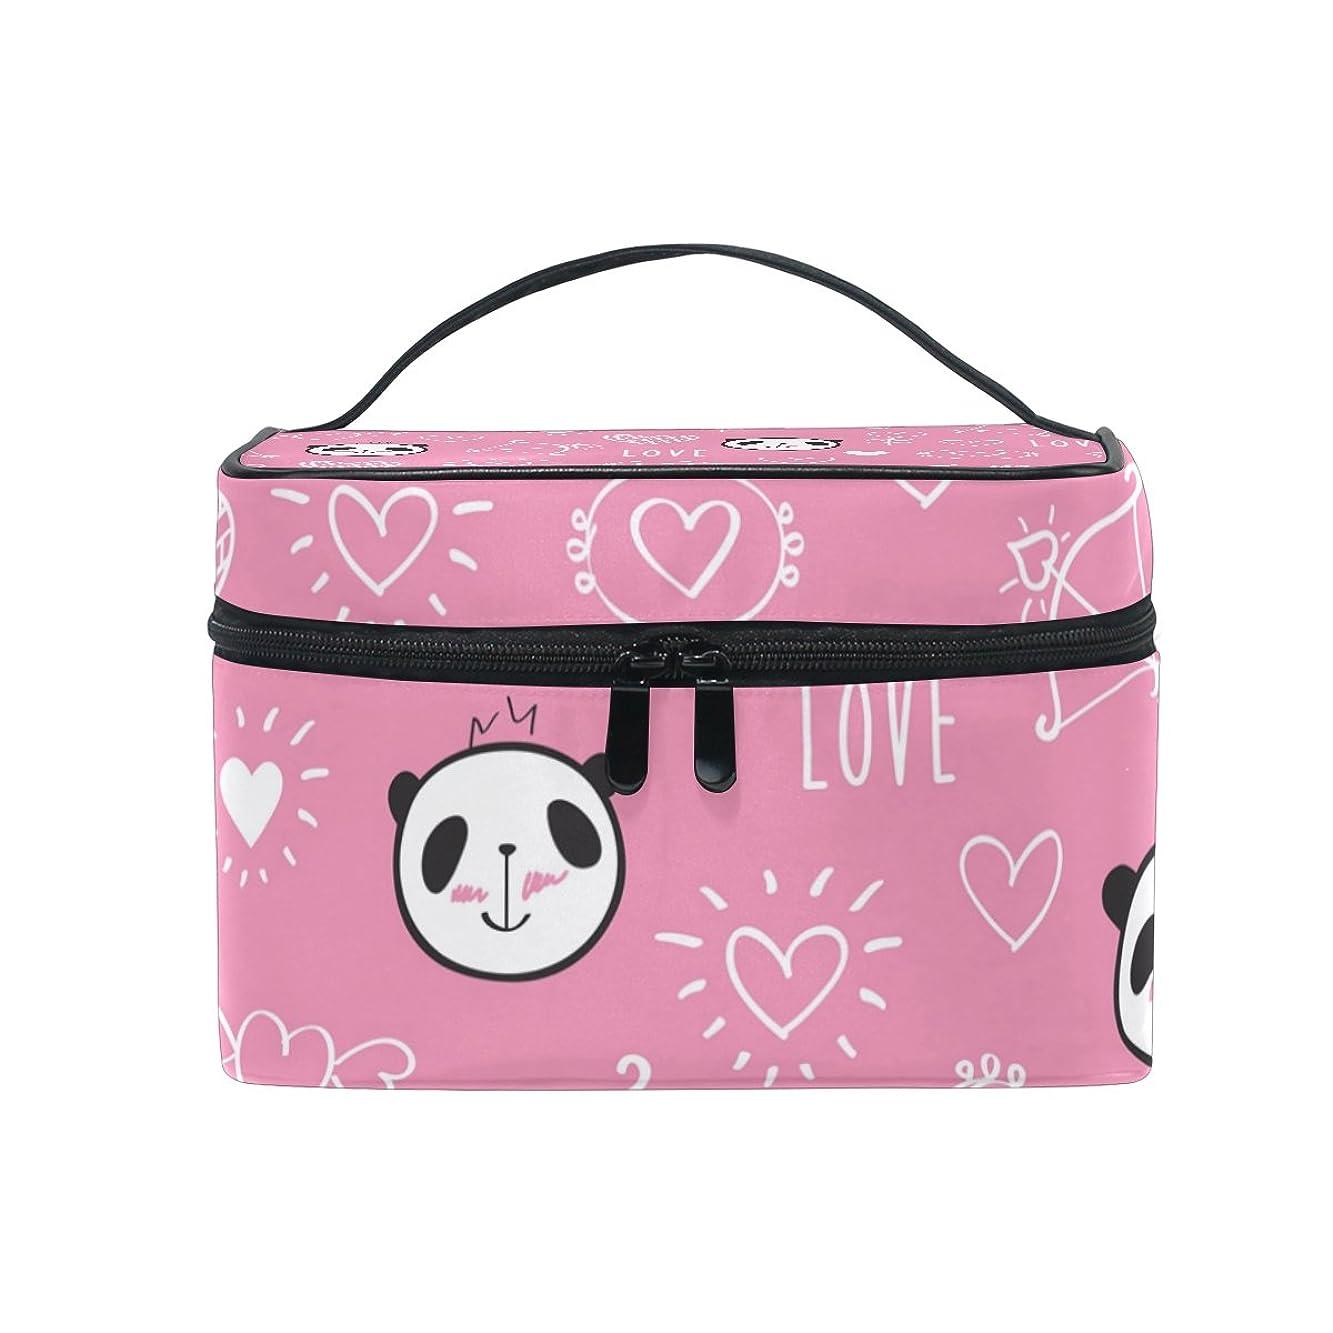 ドキドキマウント生産性ALAZA 化粧ポーチ パンダ柄 動物柄 化粧 メイクボックス 収納用品 ピンク 大きめ かわいい